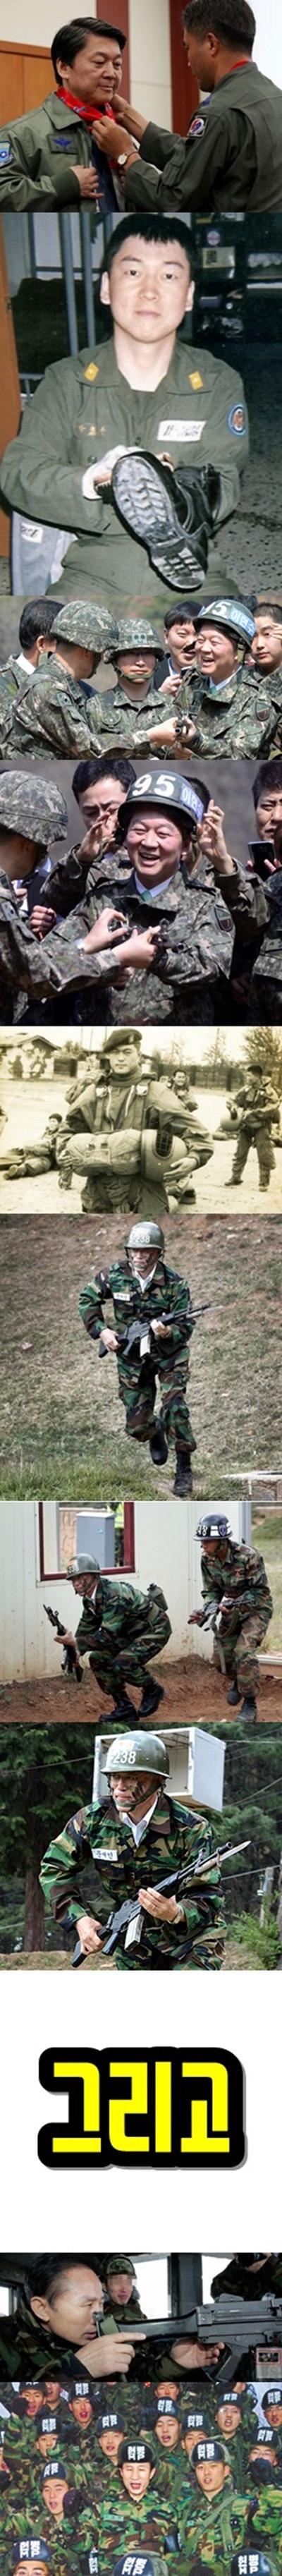 안철수, 문재인, 군복